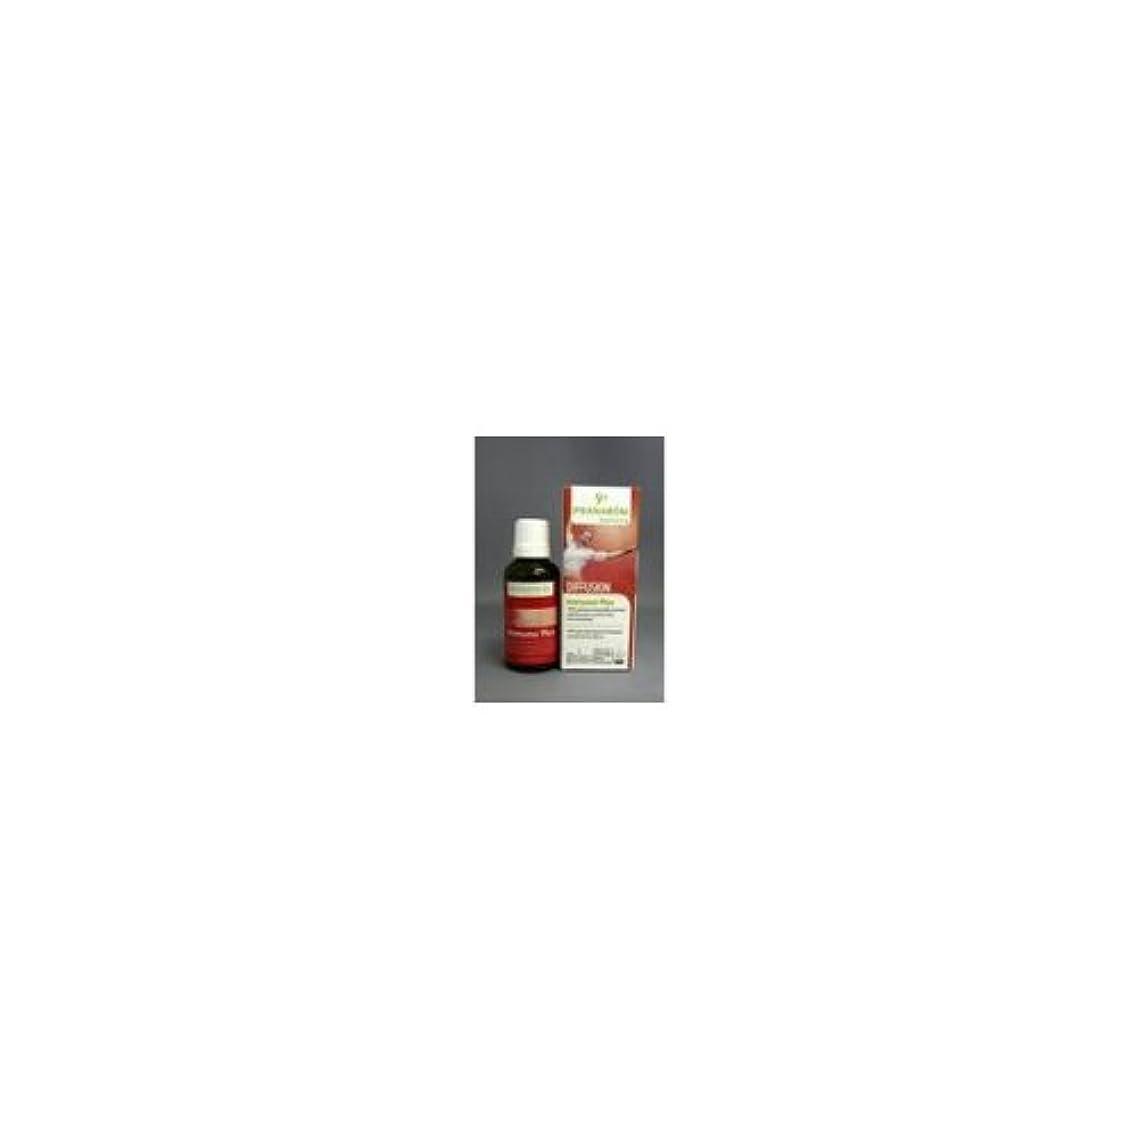 娯楽シャーロックホームズすずめプラナロム ルームコロン/パワーアップ&チアアップ イミュノプラス?30ml